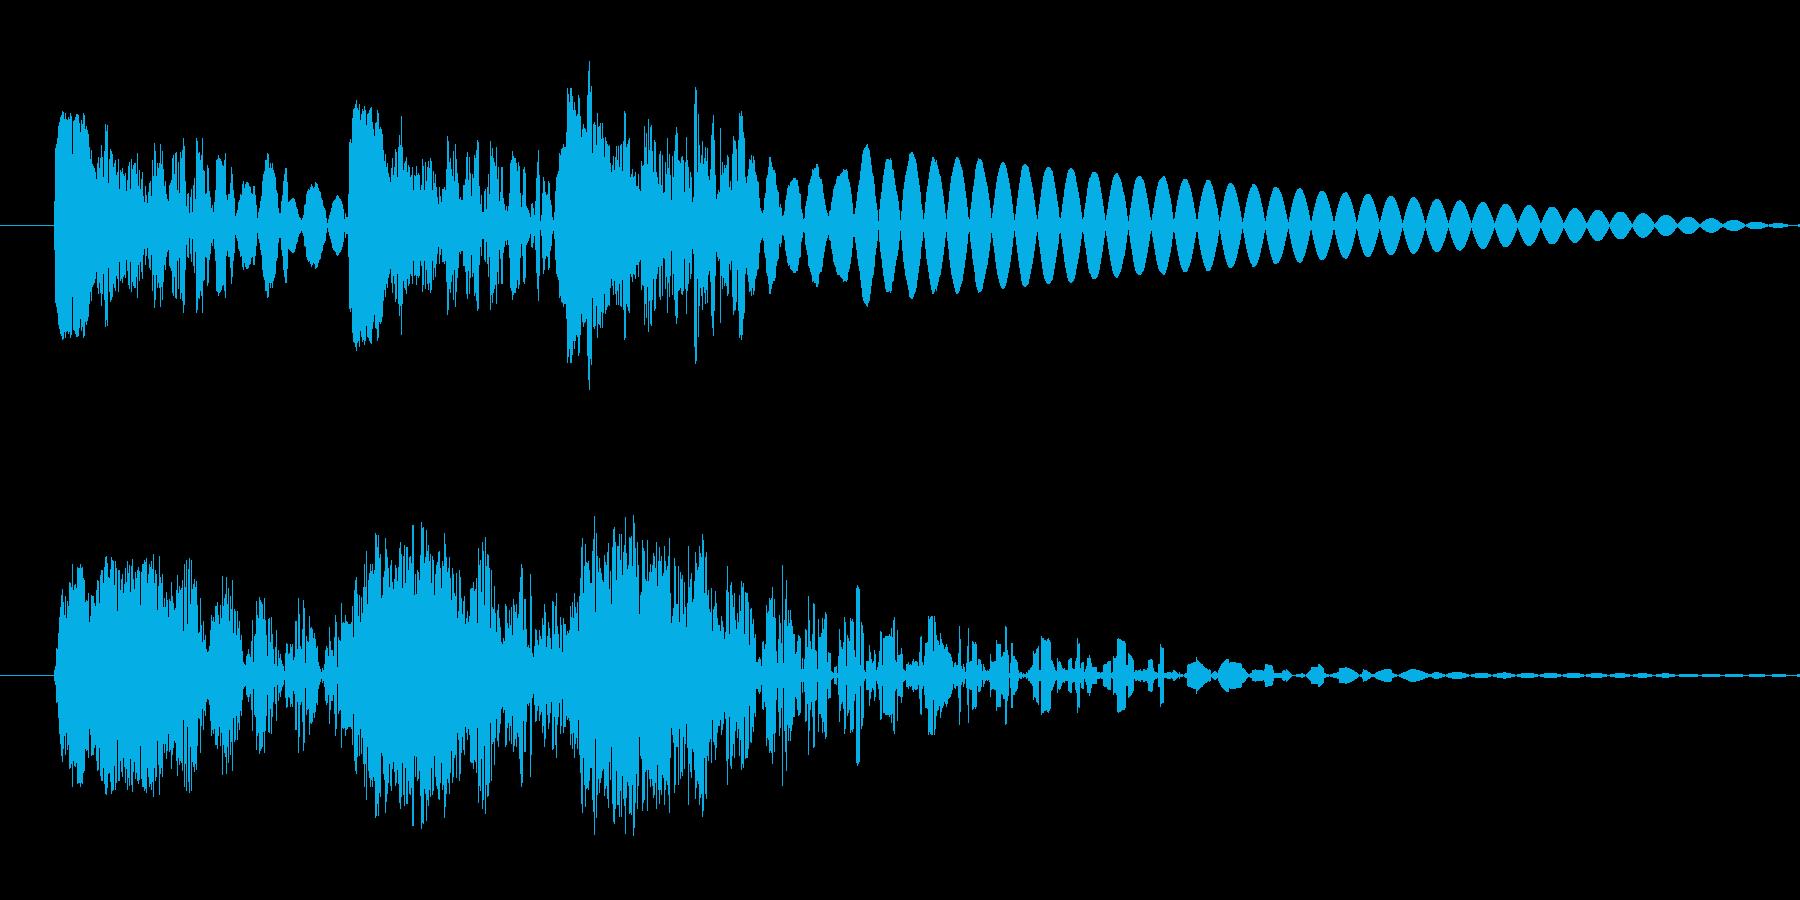 ドドドン 射撃音 ゲームなどの再生済みの波形